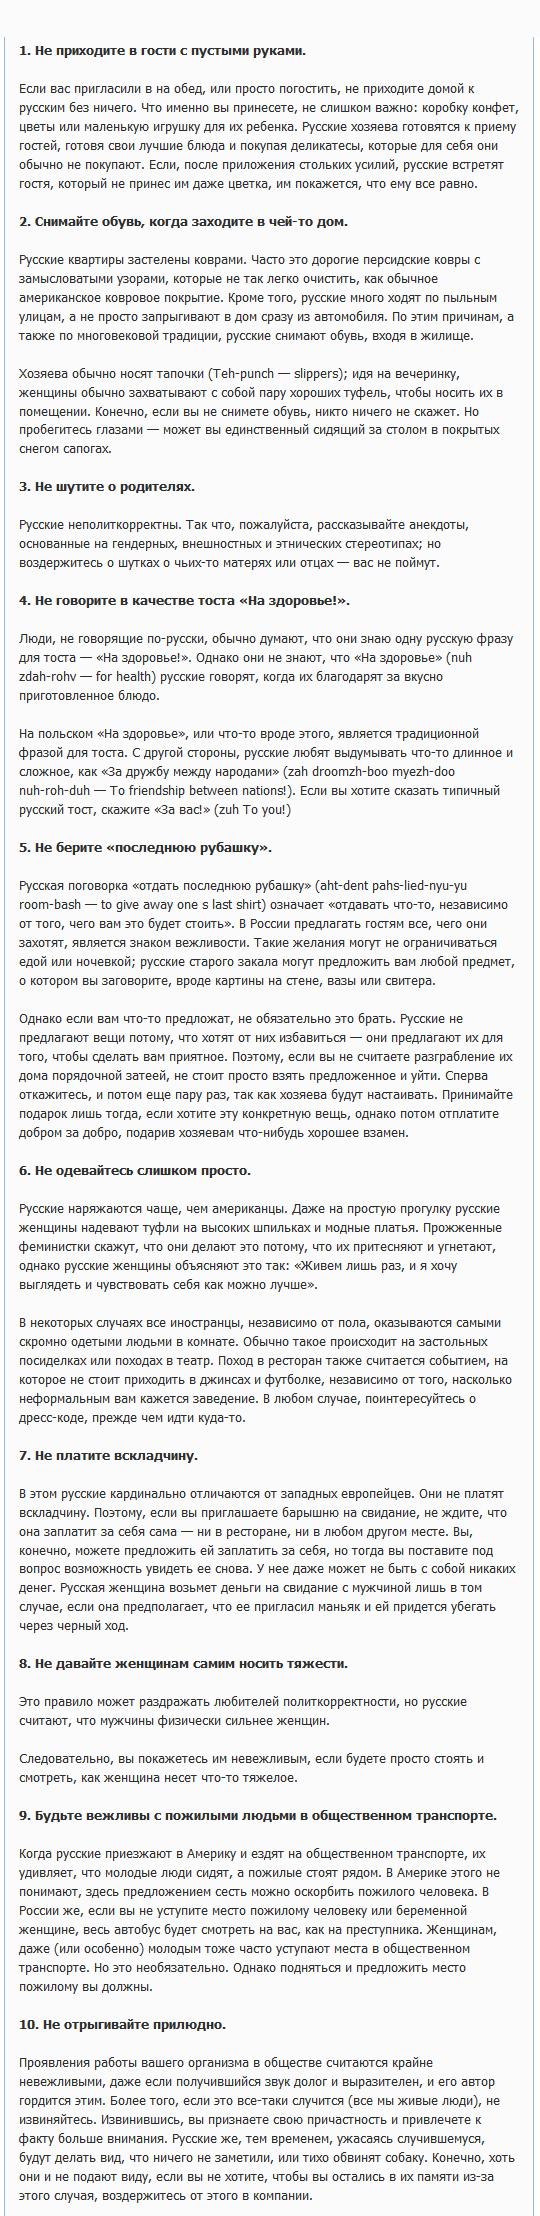 Инструкция о России для иностранных гостей (1 картинка + текст)